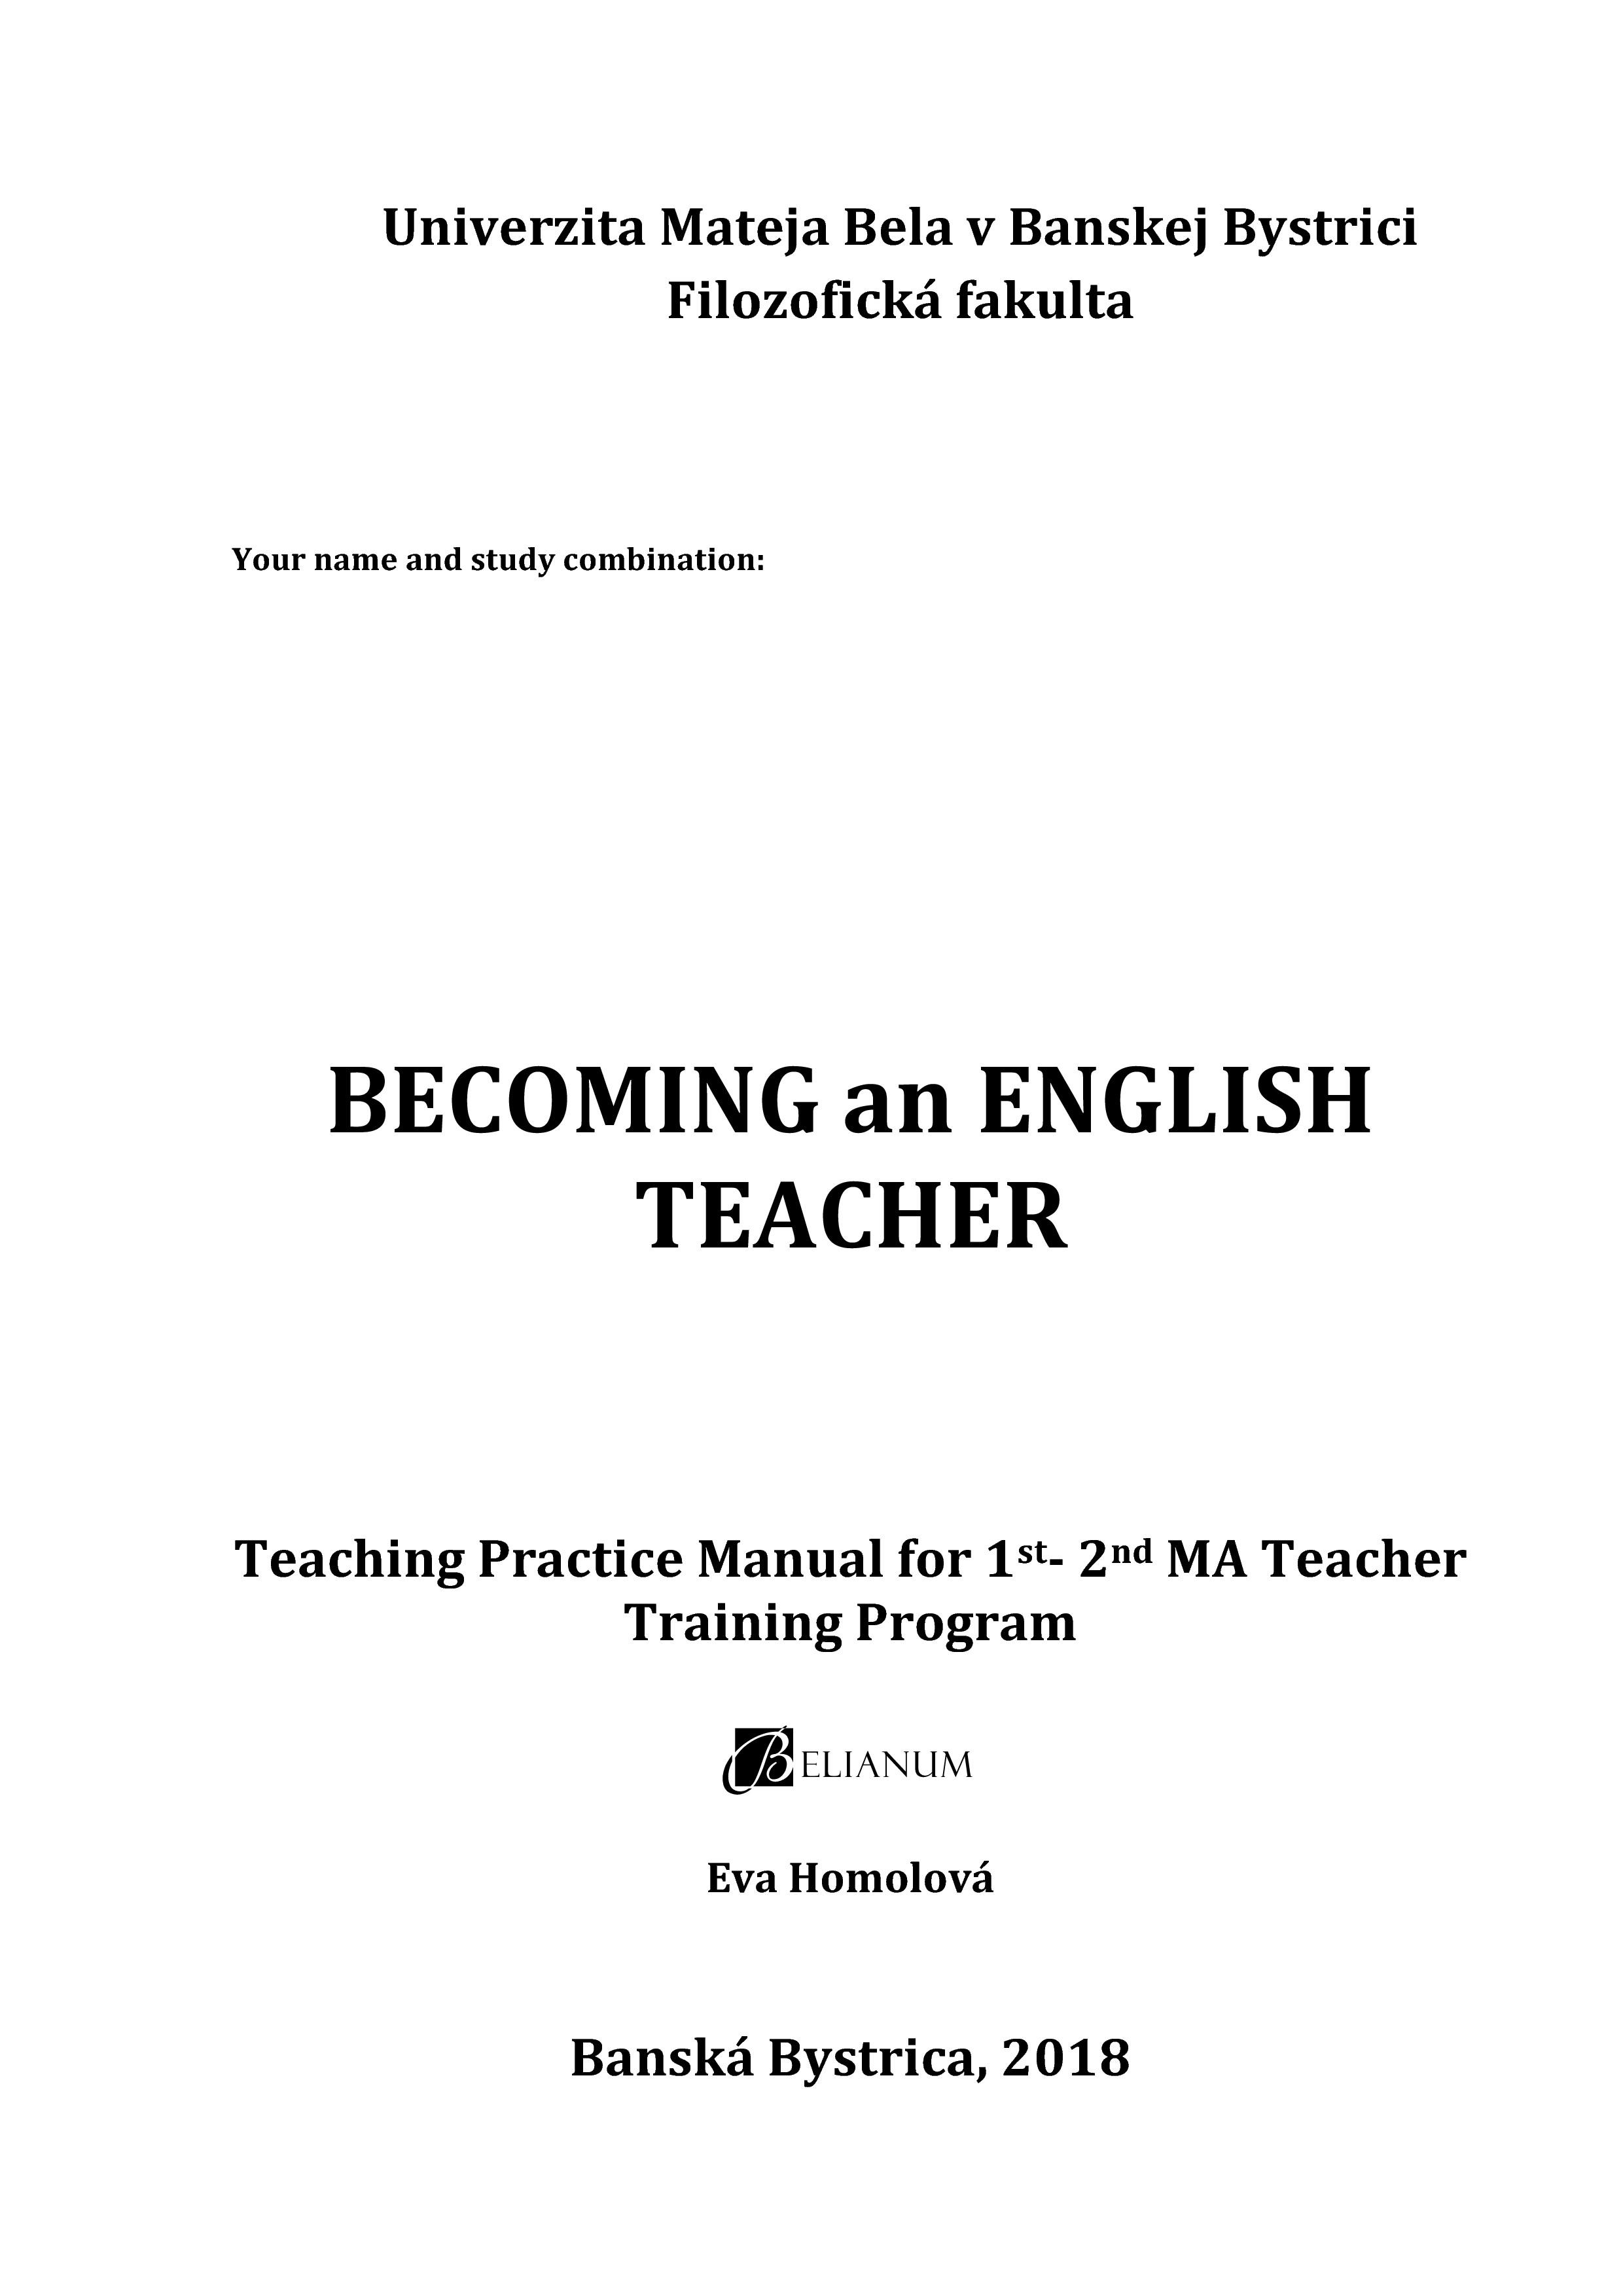 Becoming an English Teacher